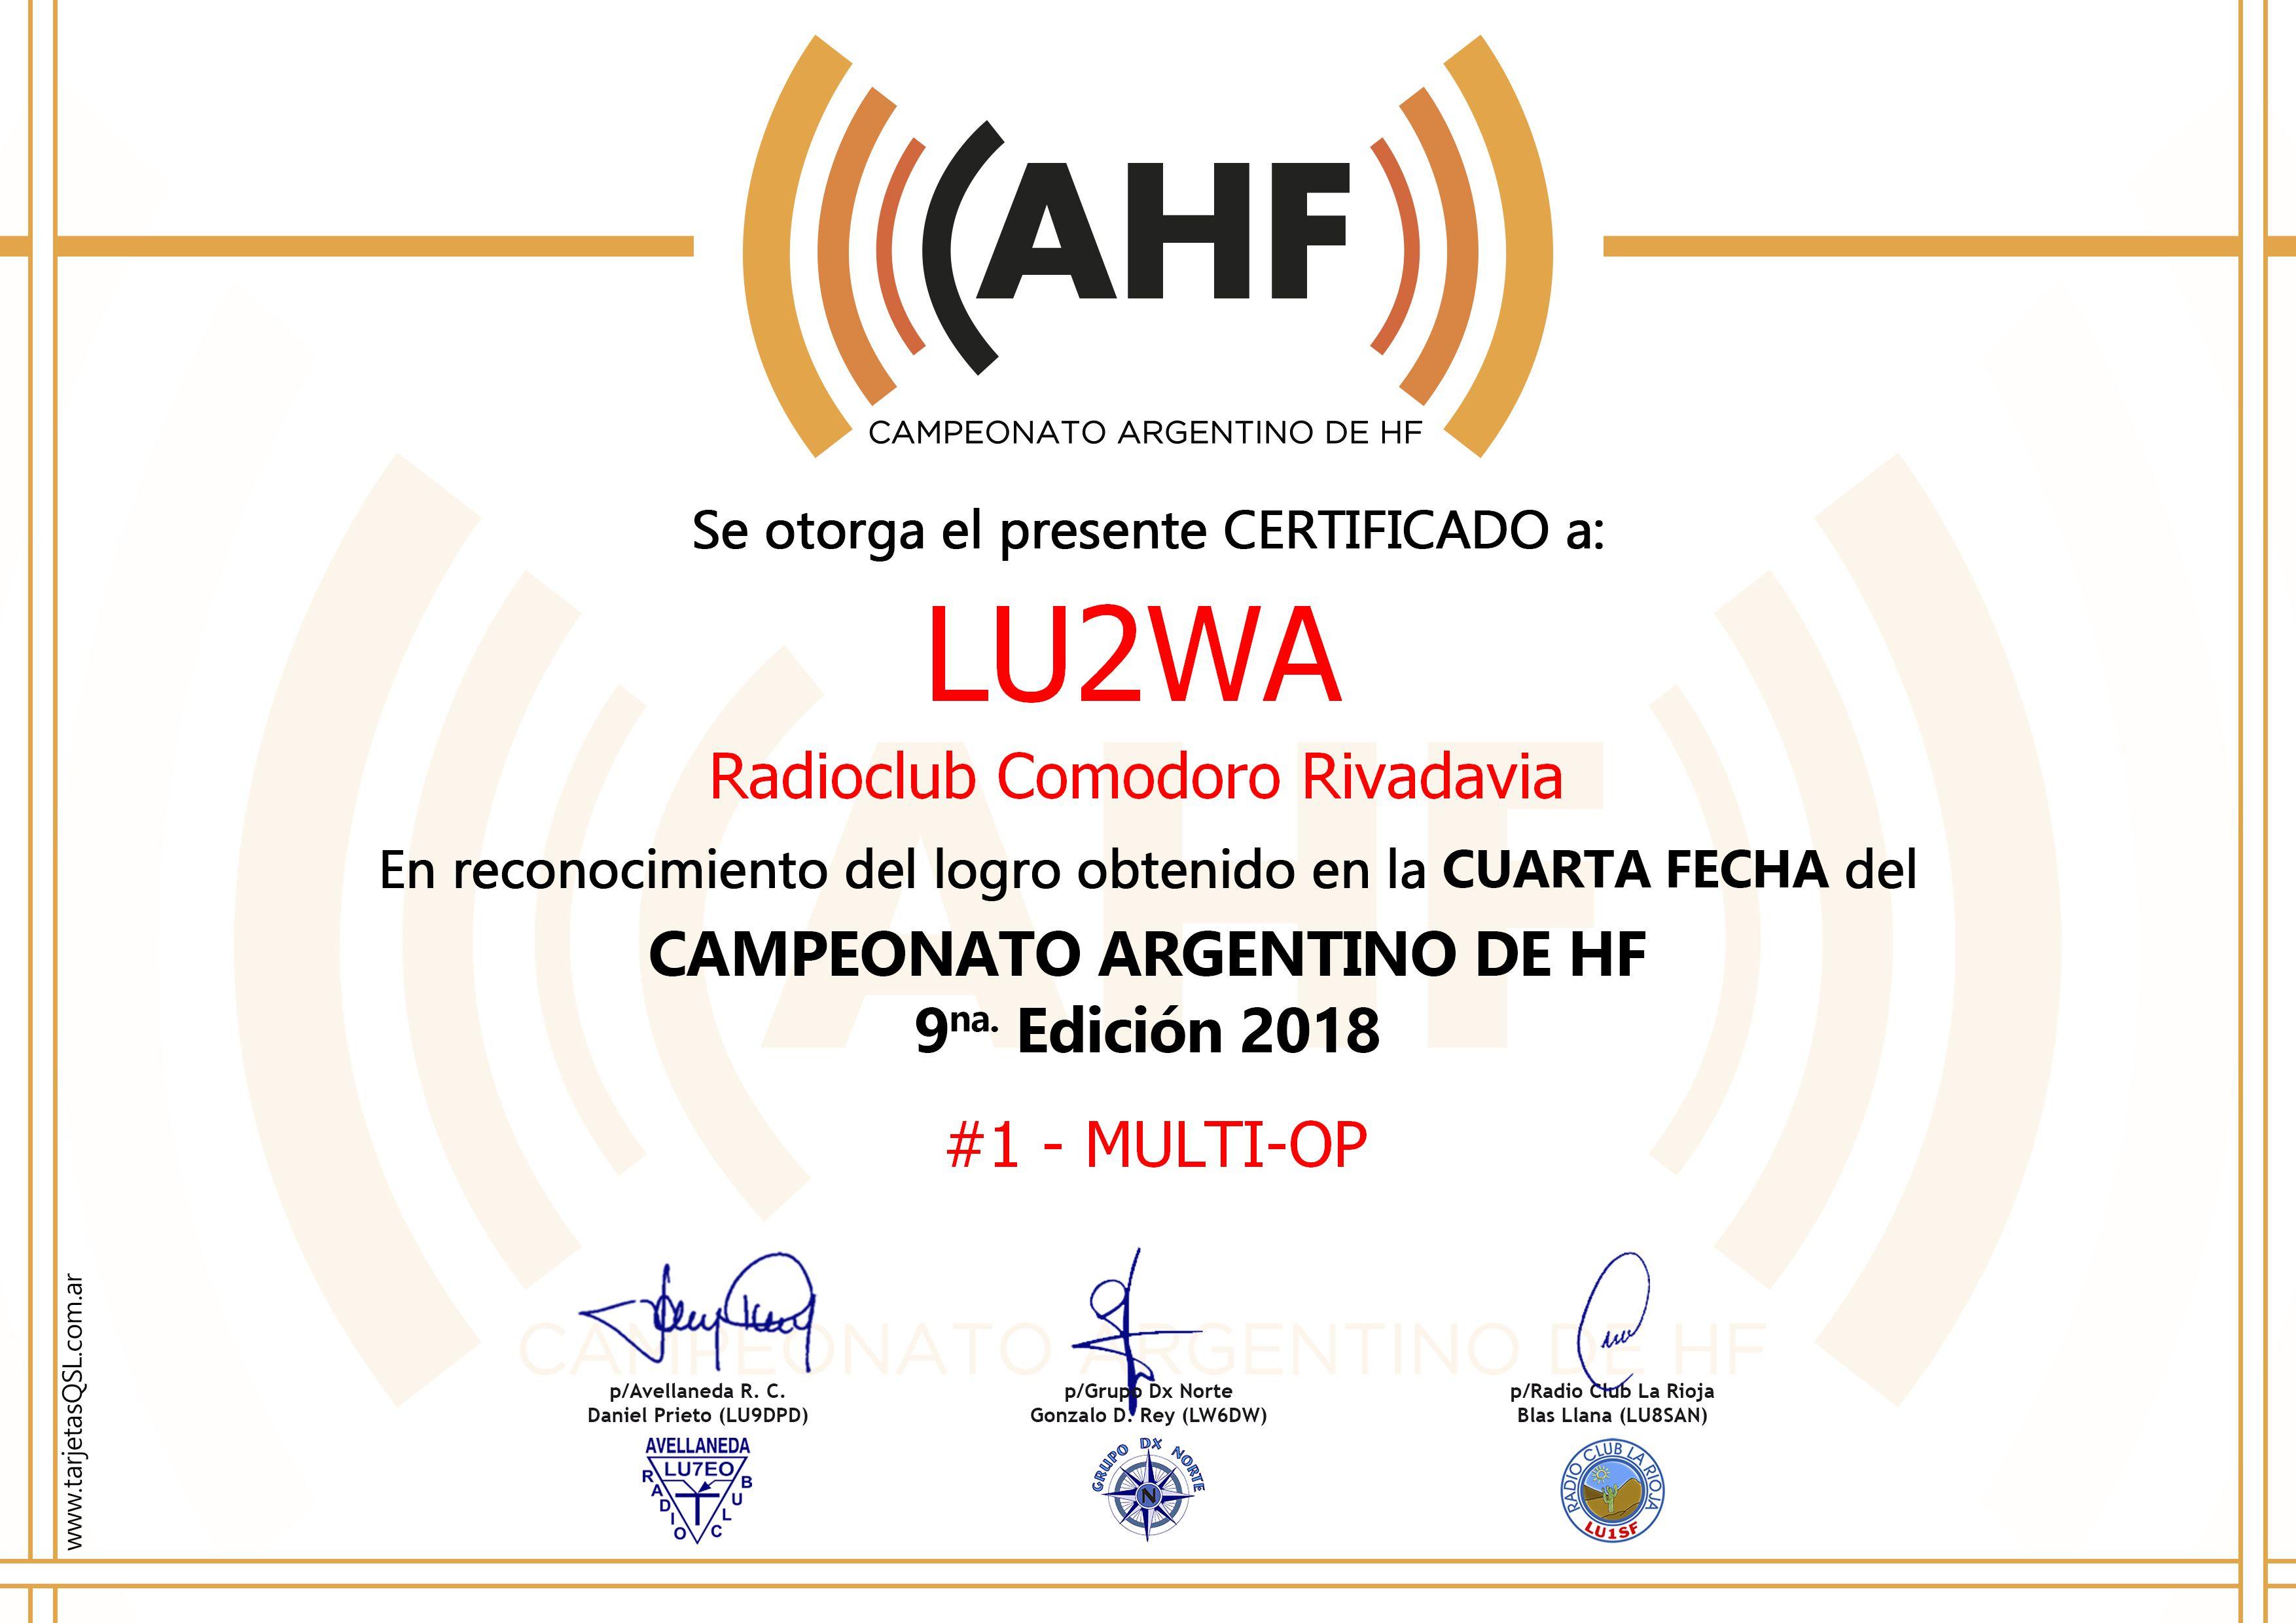 2019 09 03 lu2wa cahf 4ta certificado - Resultados 4ta. Fecha CAHF 2018